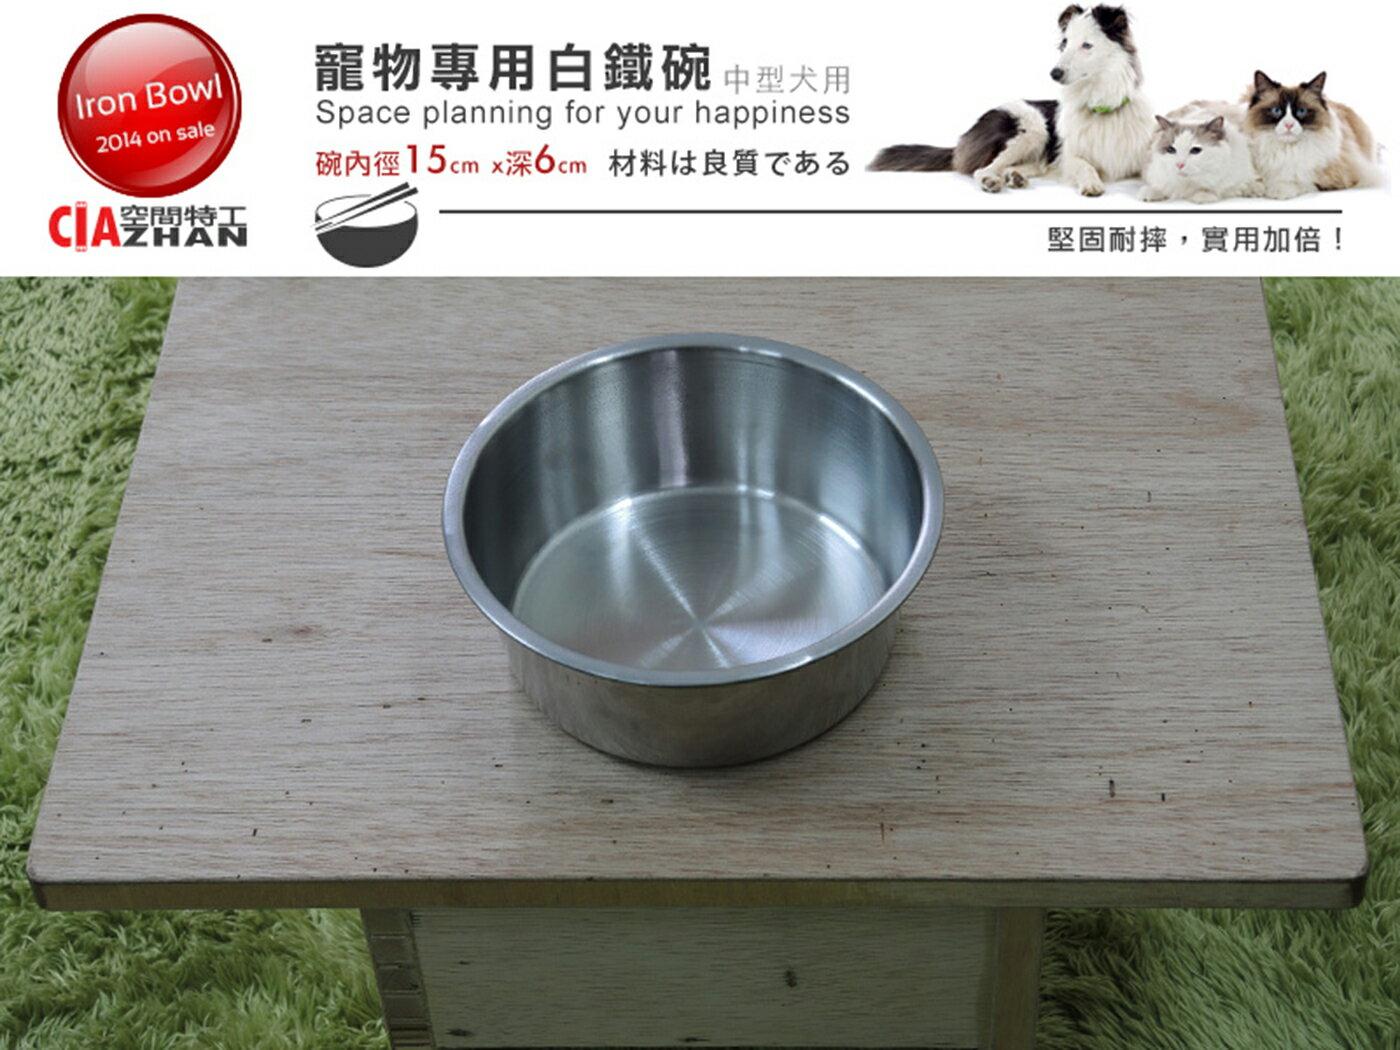 飼料碗 圓碗 貓碗 餵食器 進食碗 食盆 2號不鏽鋼碗盆 不銹鋼單口碗 耐用好清洗 全新 中型犬白鐵狗碗 ?空間特工?